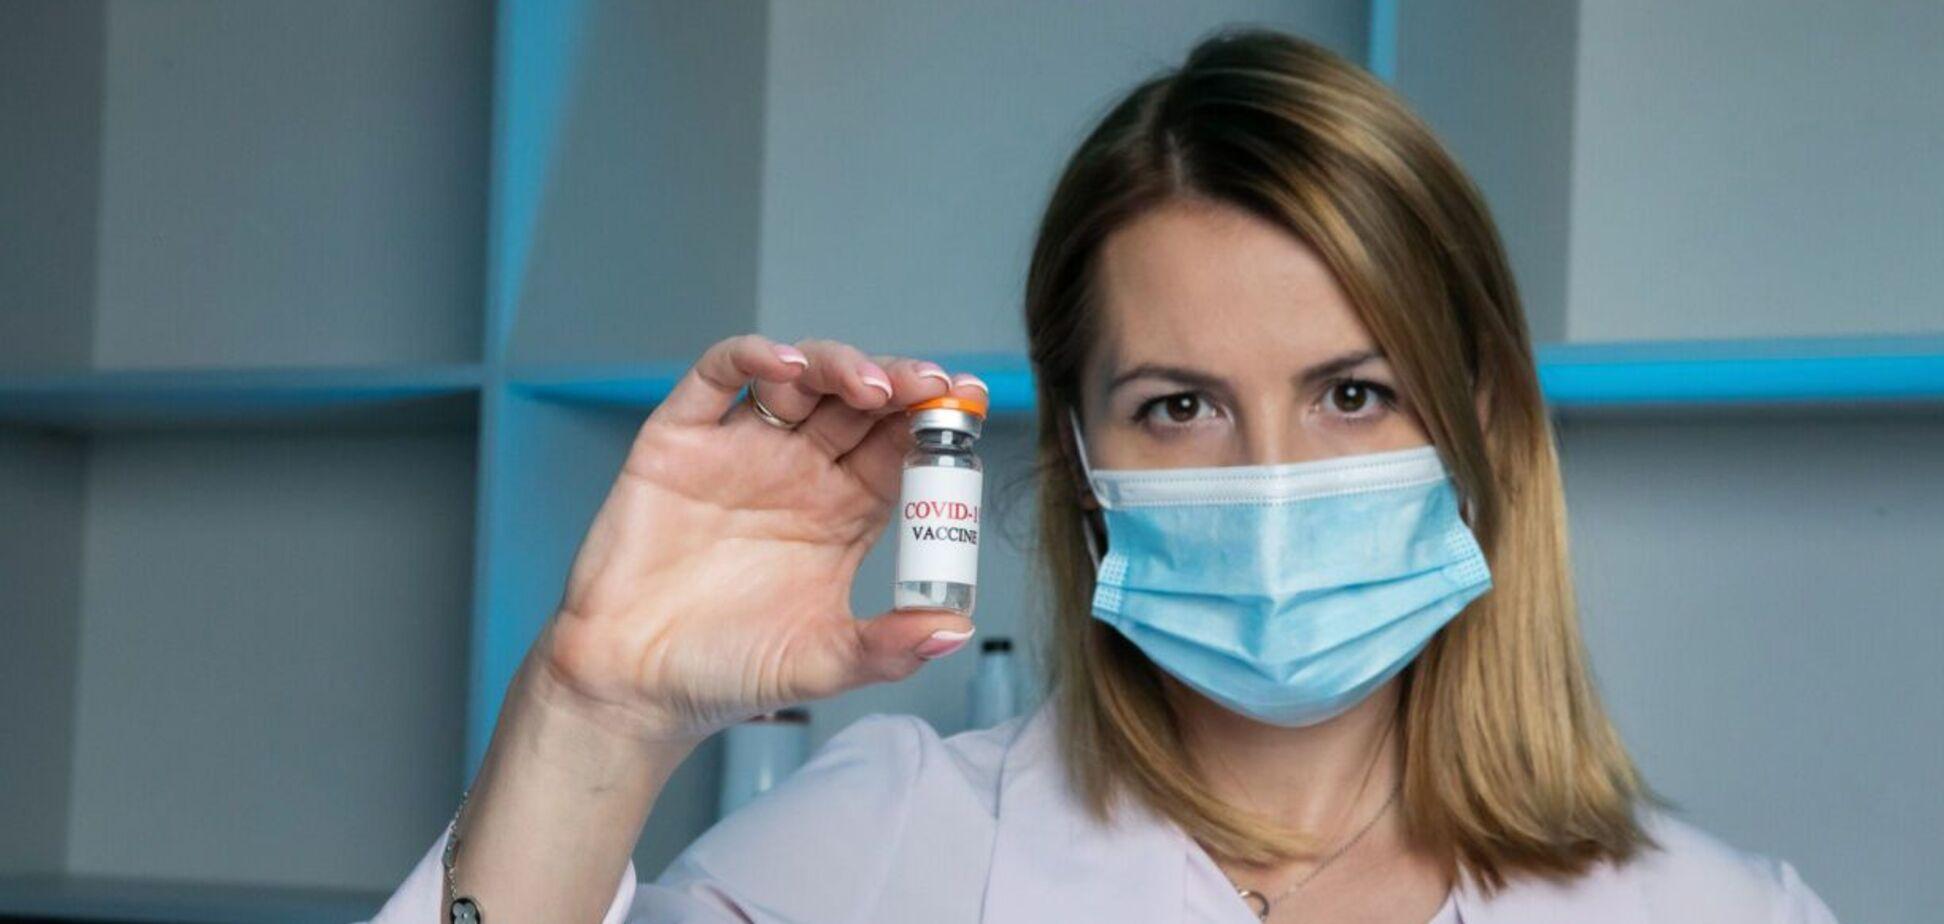 'Голос' презентував Національний план масової вакцинації українців від COVID-19